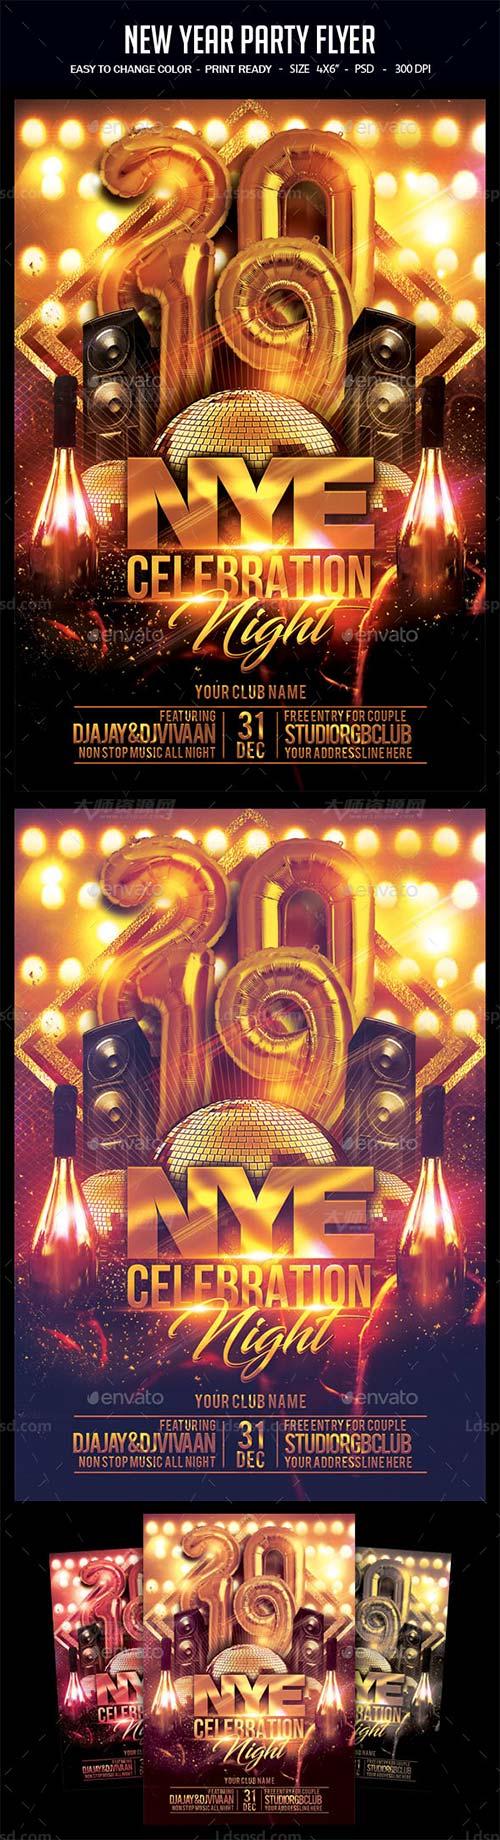 新春派对海报传单PSD模板:New Year Party Flyer